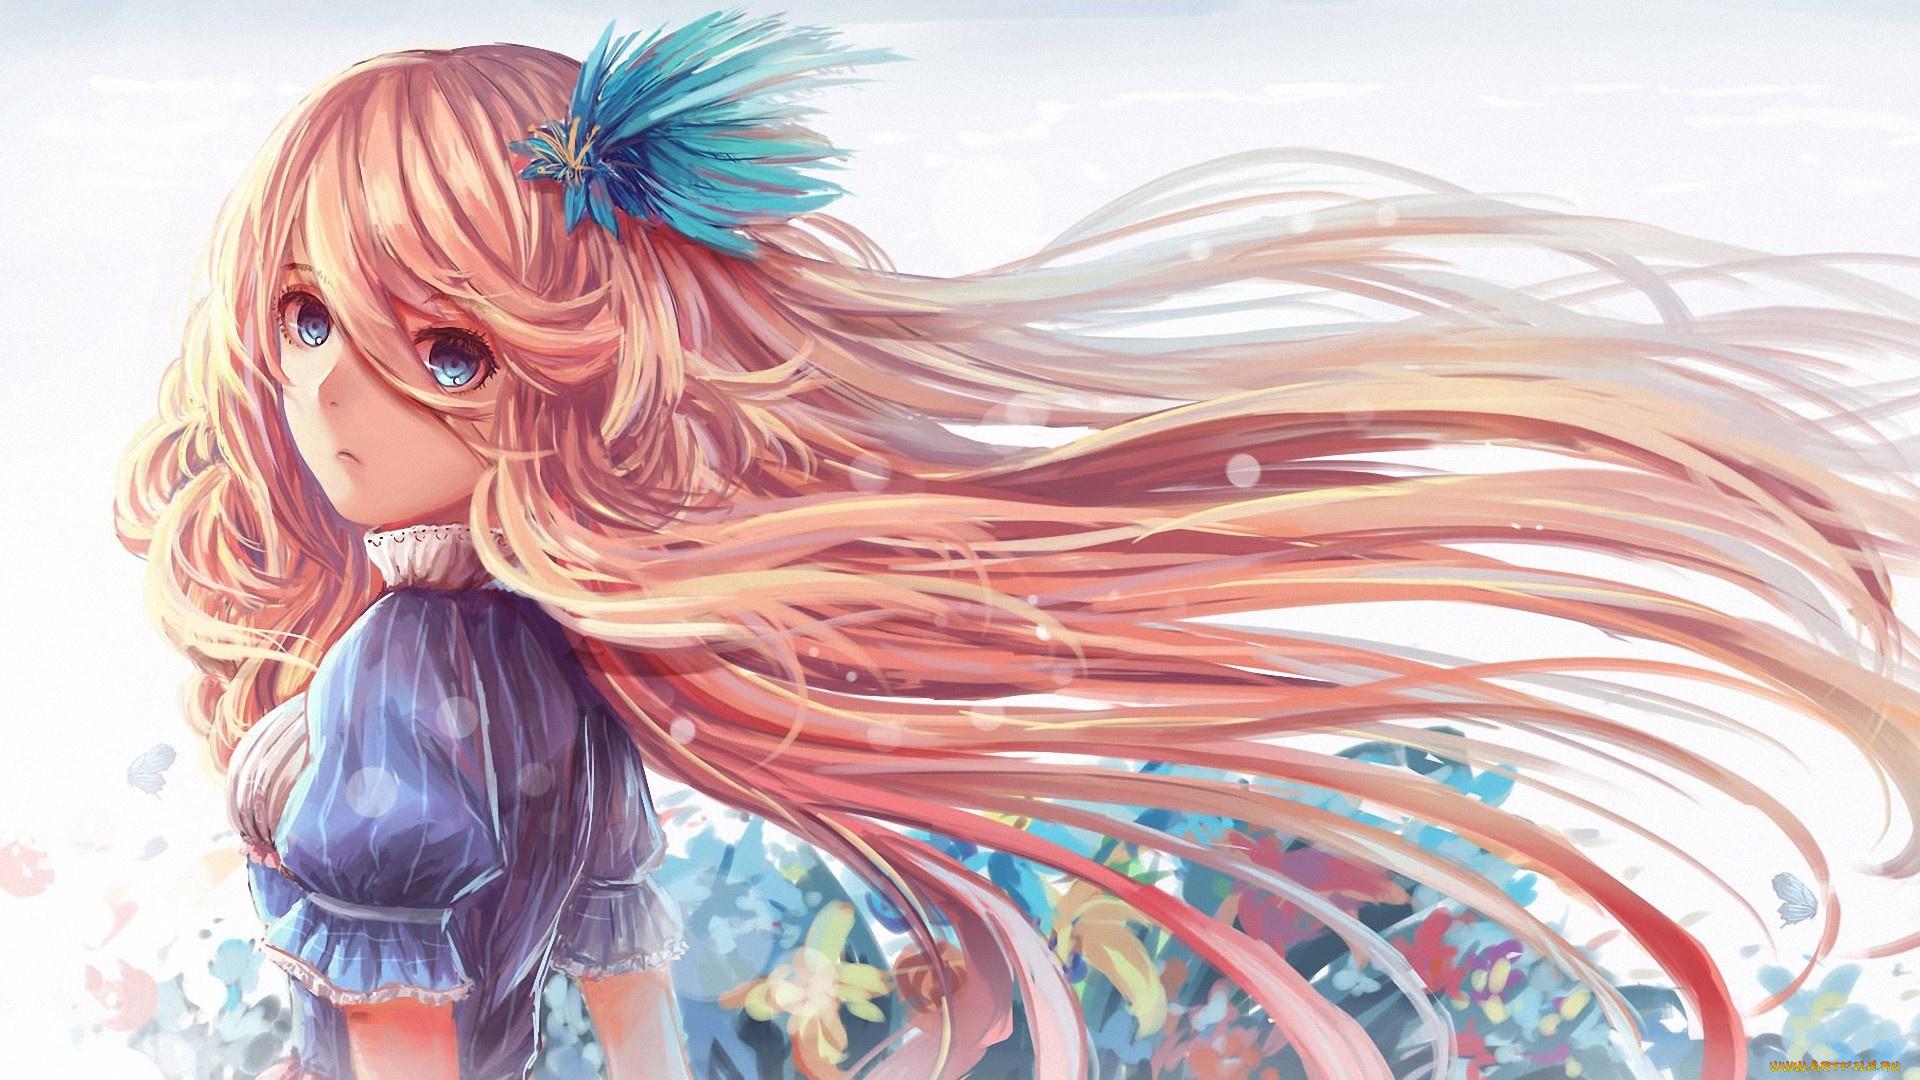 Картинки аниме девушек волосами